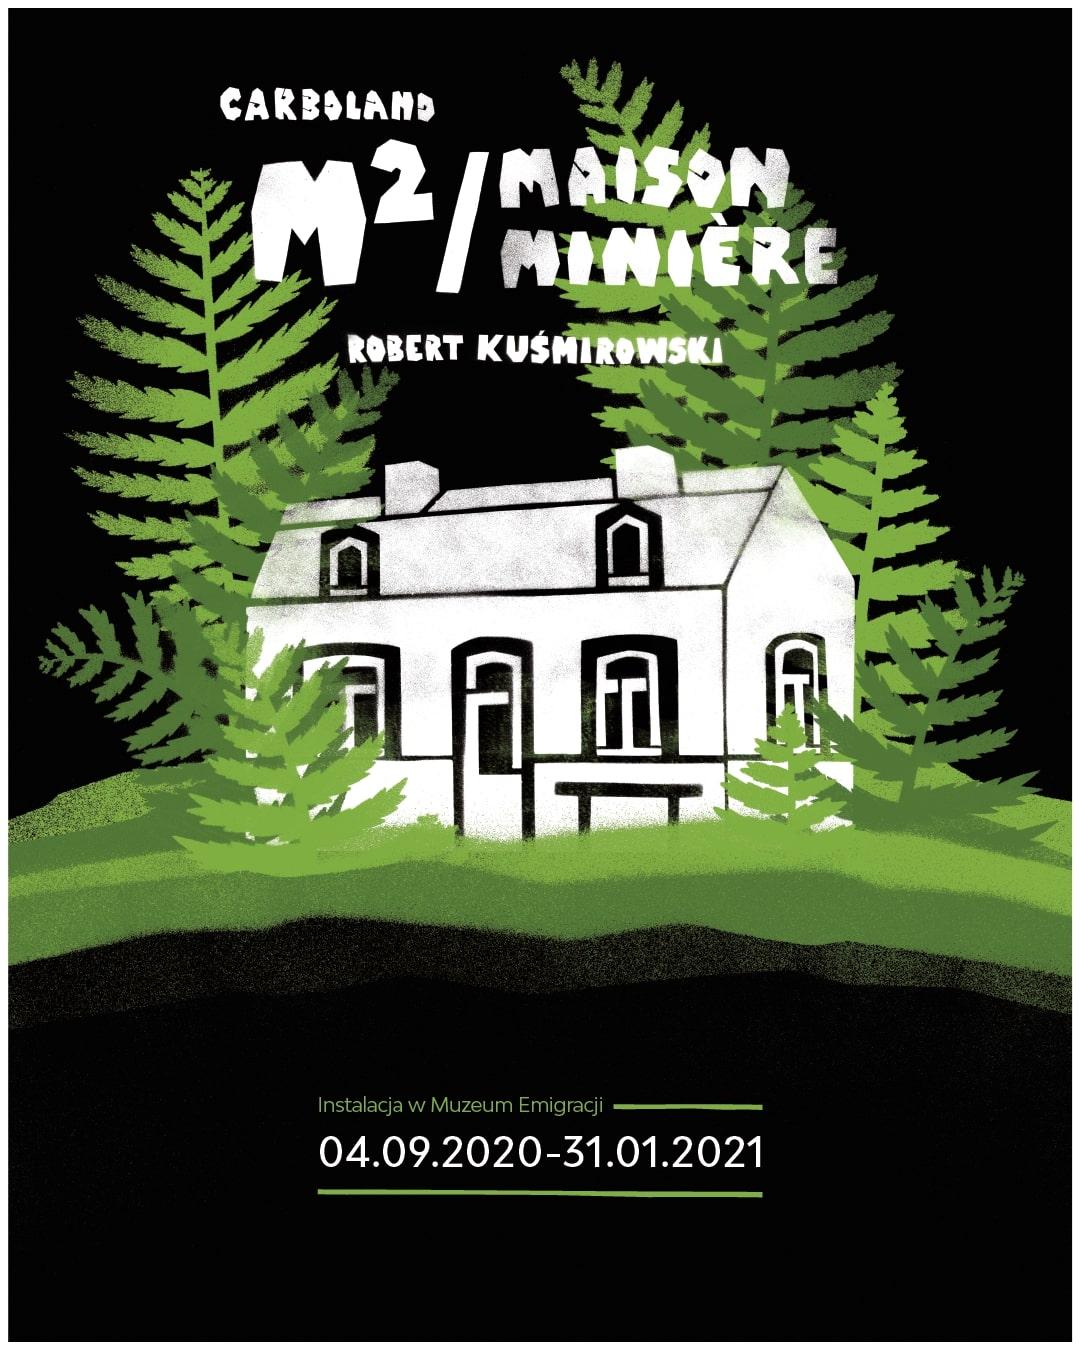 Instalacja artystyczna m2/maison minière autorstwa Roberta Kuśmirowskiego